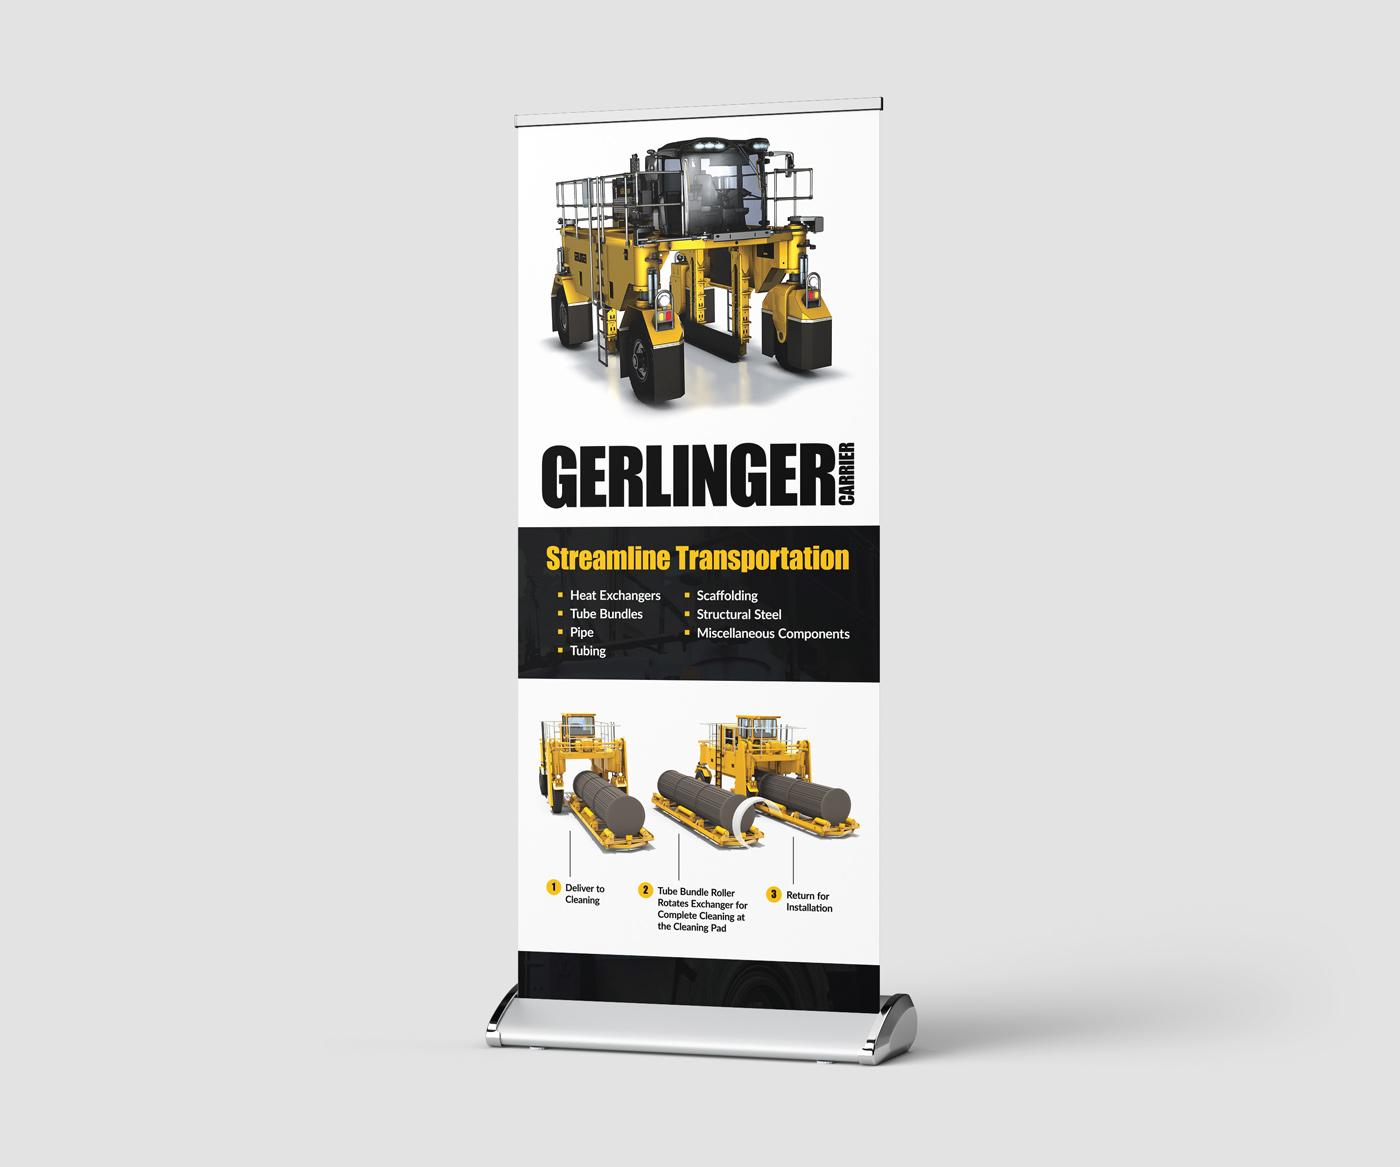 Gerlinger Carrier Trade show Display Design